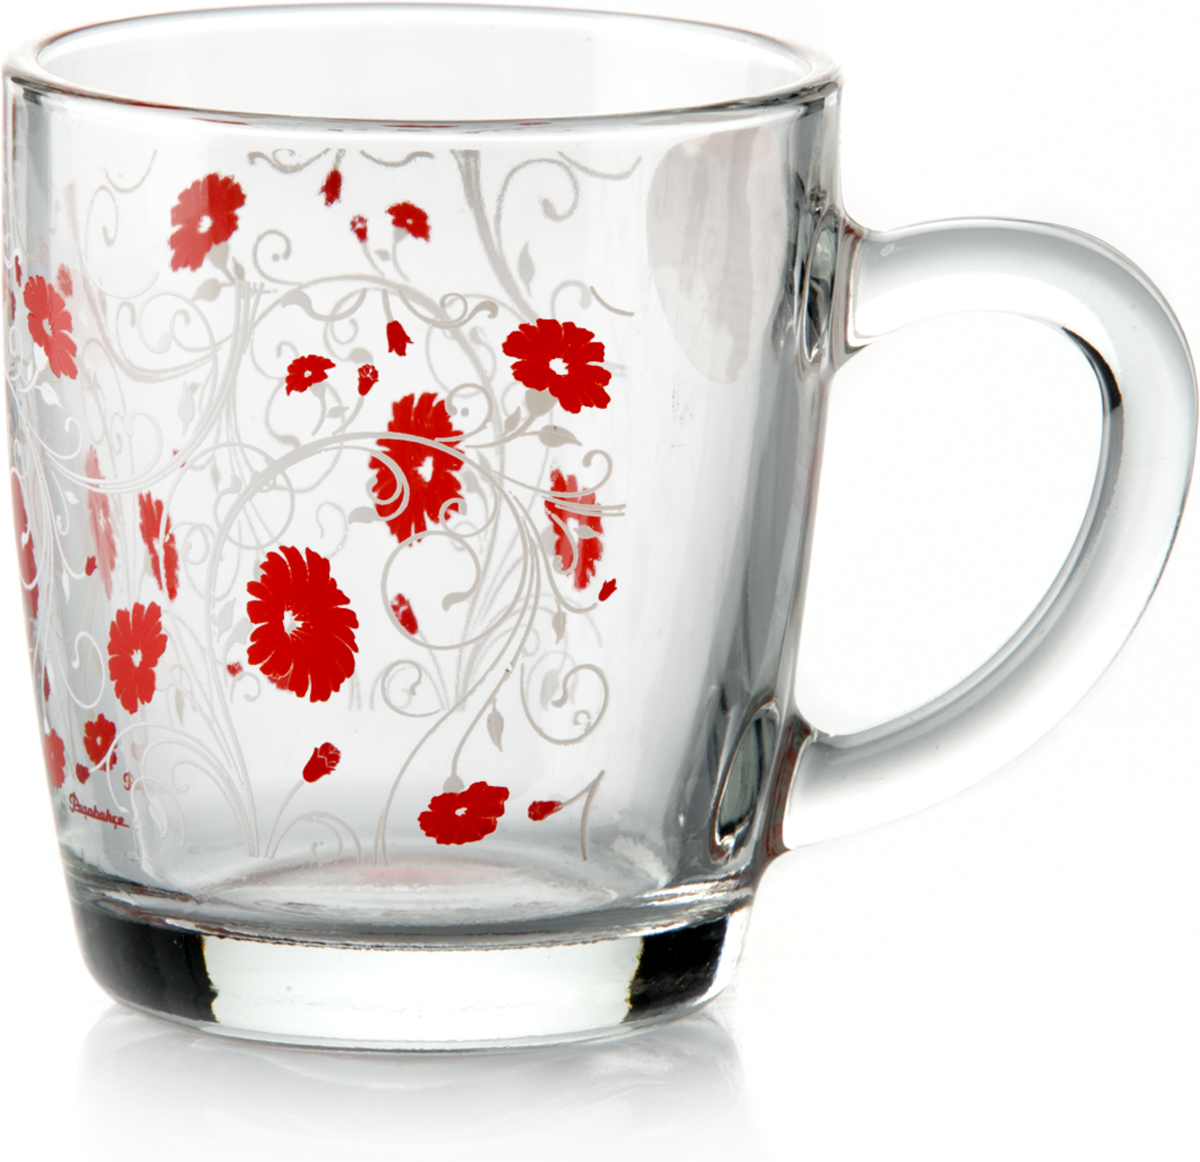 """Кружка Pasabahce """"Рэд Серенейд"""" изготовлена из прозрачного стекла и украшена рисунком. Изделие идеально подходит для сервировки стола.Кружка украсит ваш кухонный стол."""